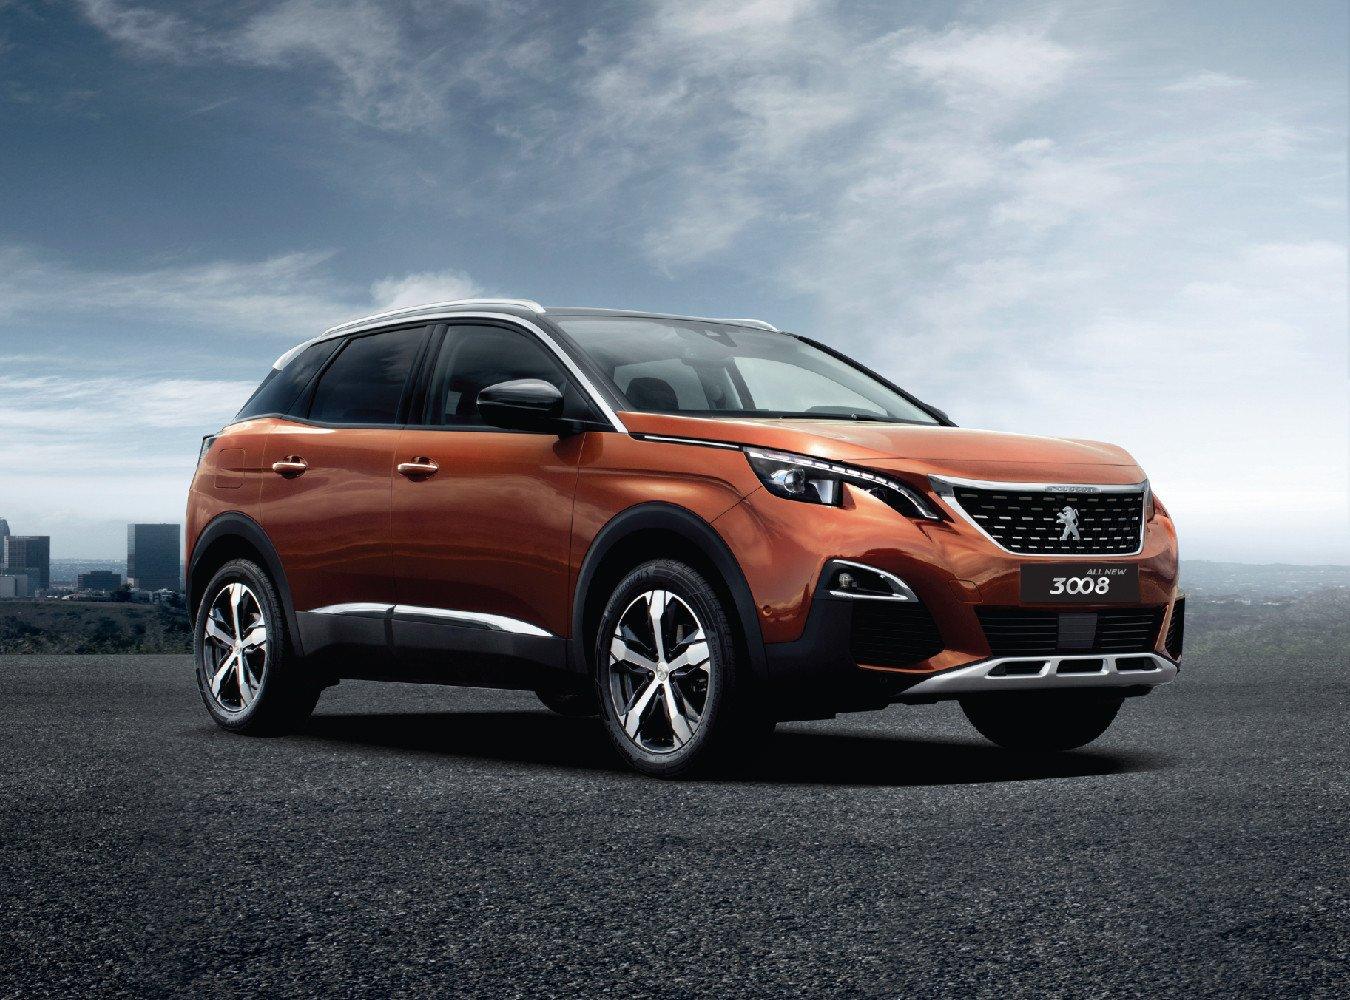 Đánh giá xe Peugeot 3008 All New 2018 1